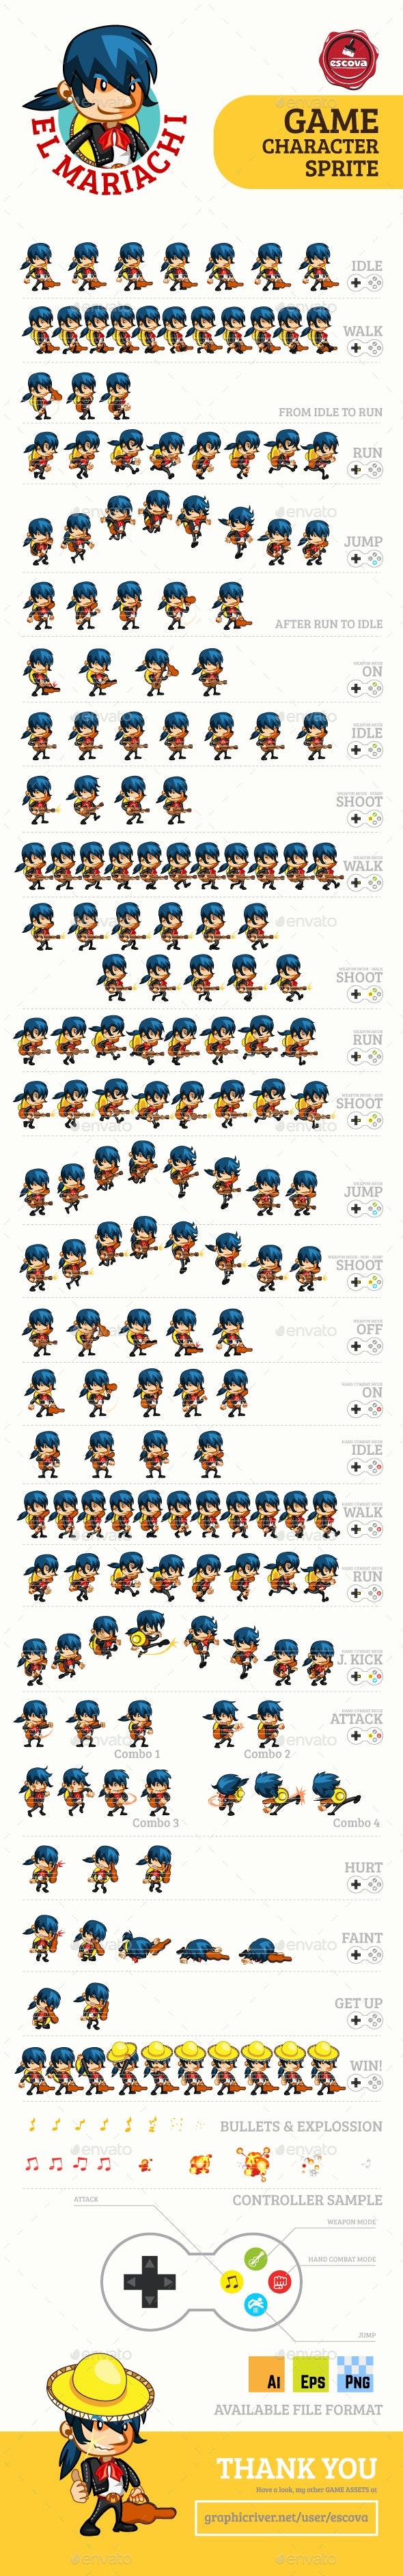 El Mariachi Game Character Sprites